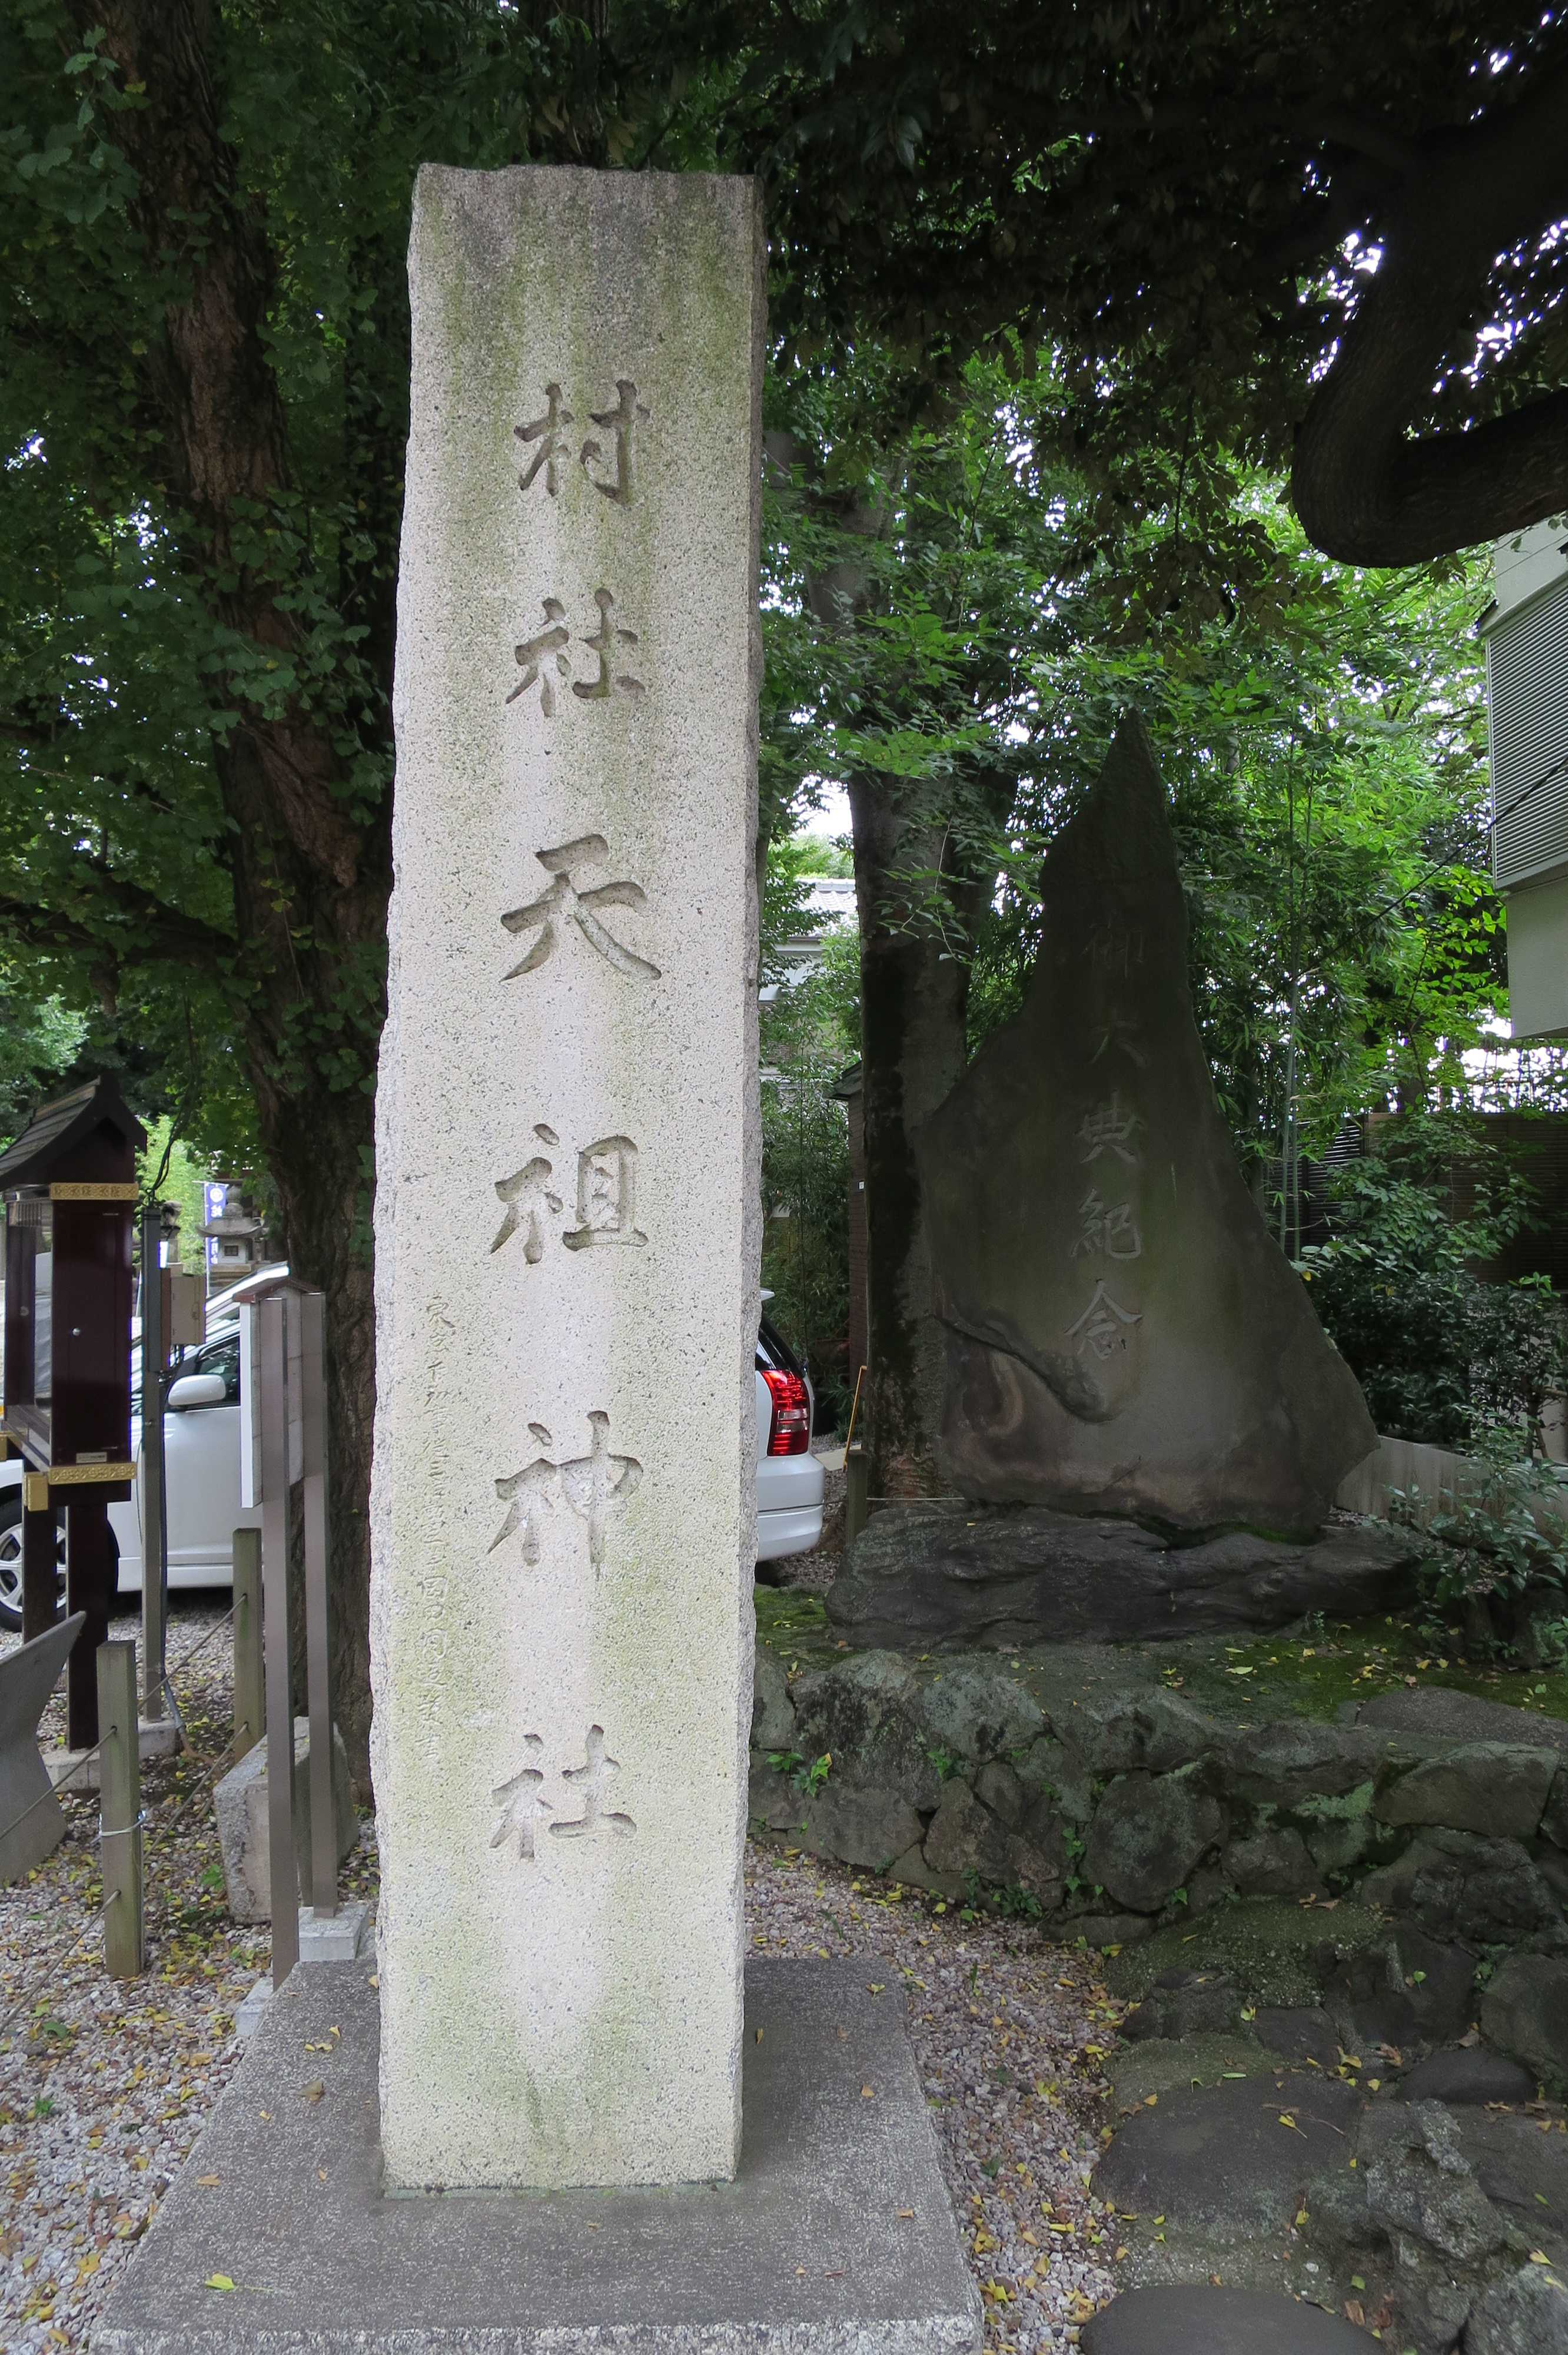 村社天祖神社の社号標と御大典記念の碑(上神明天祖神社)